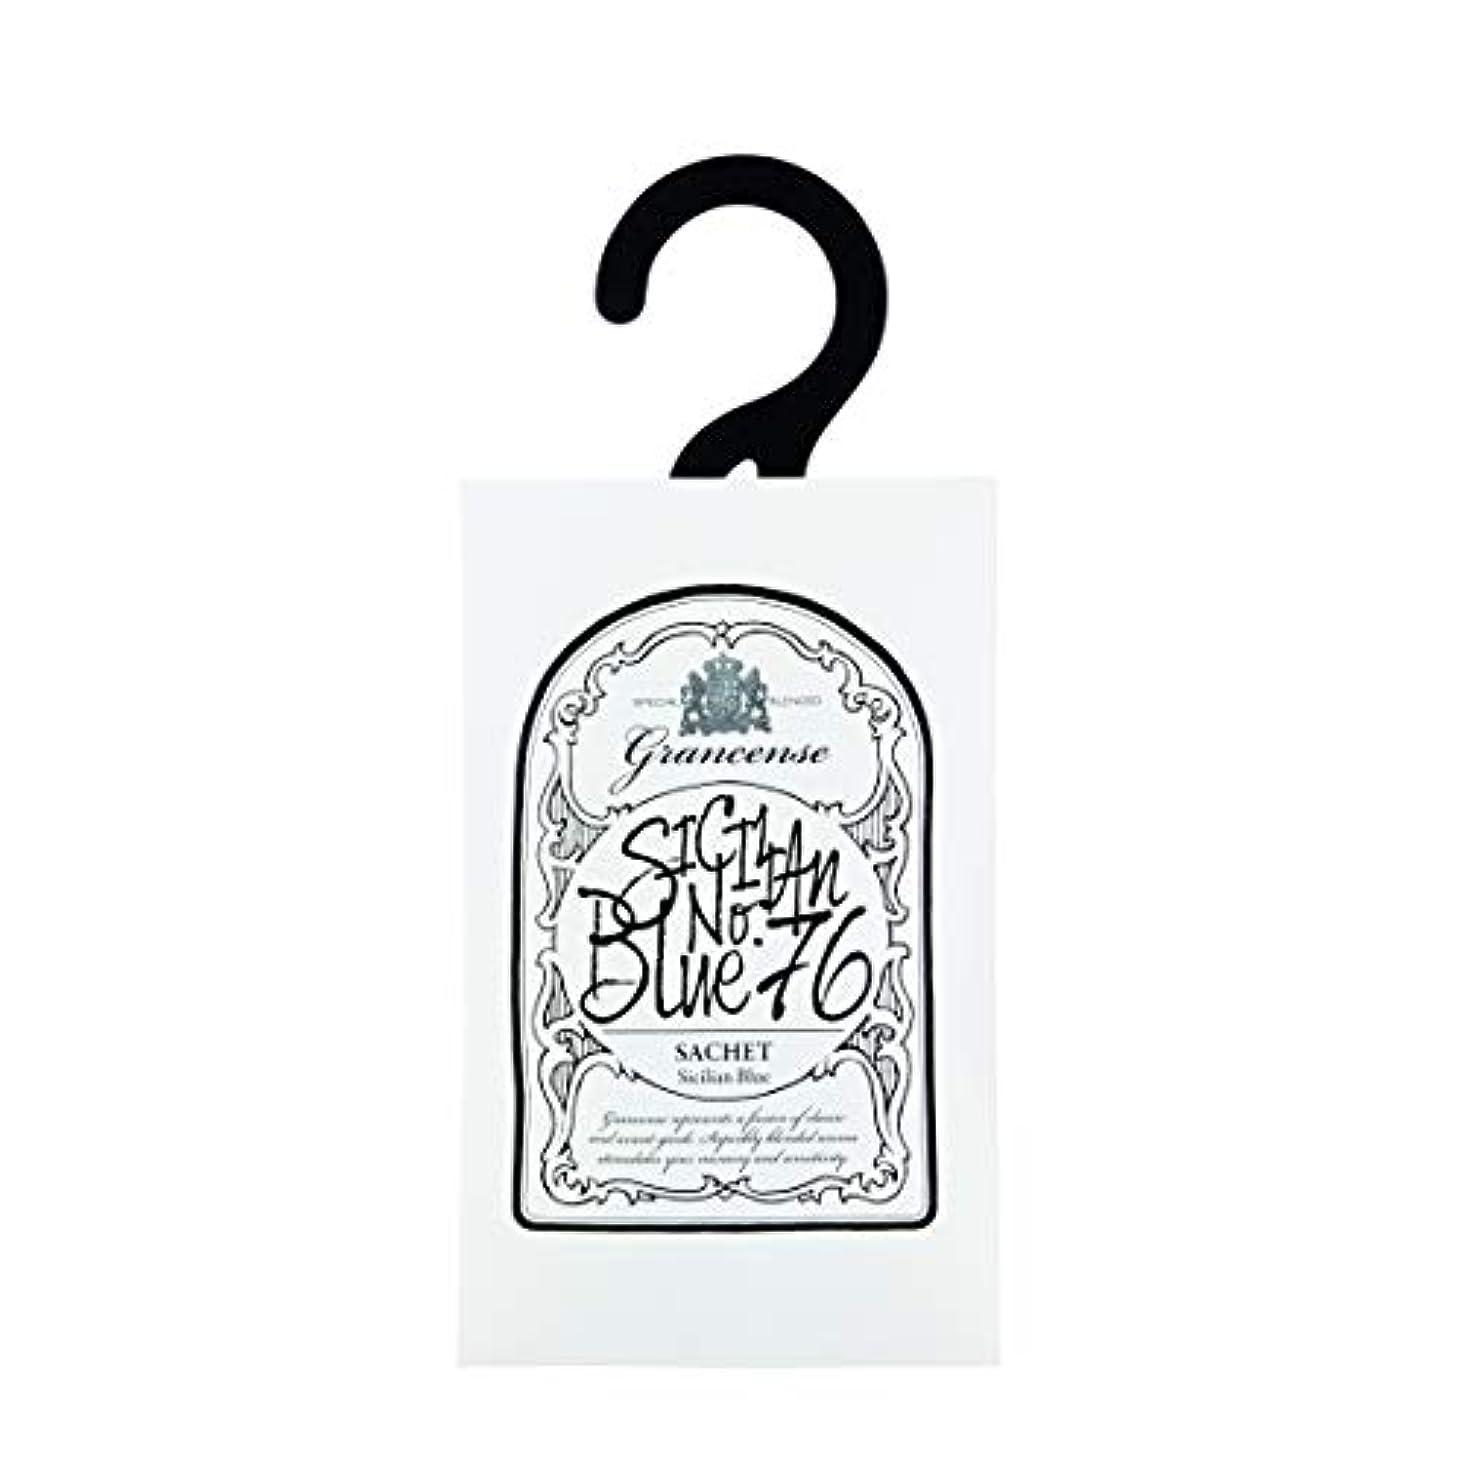 グランセンス サシェ(約2~4週間) シチリアンブルー 12g(芳香剤 香り袋 アロマサシェ レモンやライムの爽快なシトラスノートは清涼感を感じさせる香り)